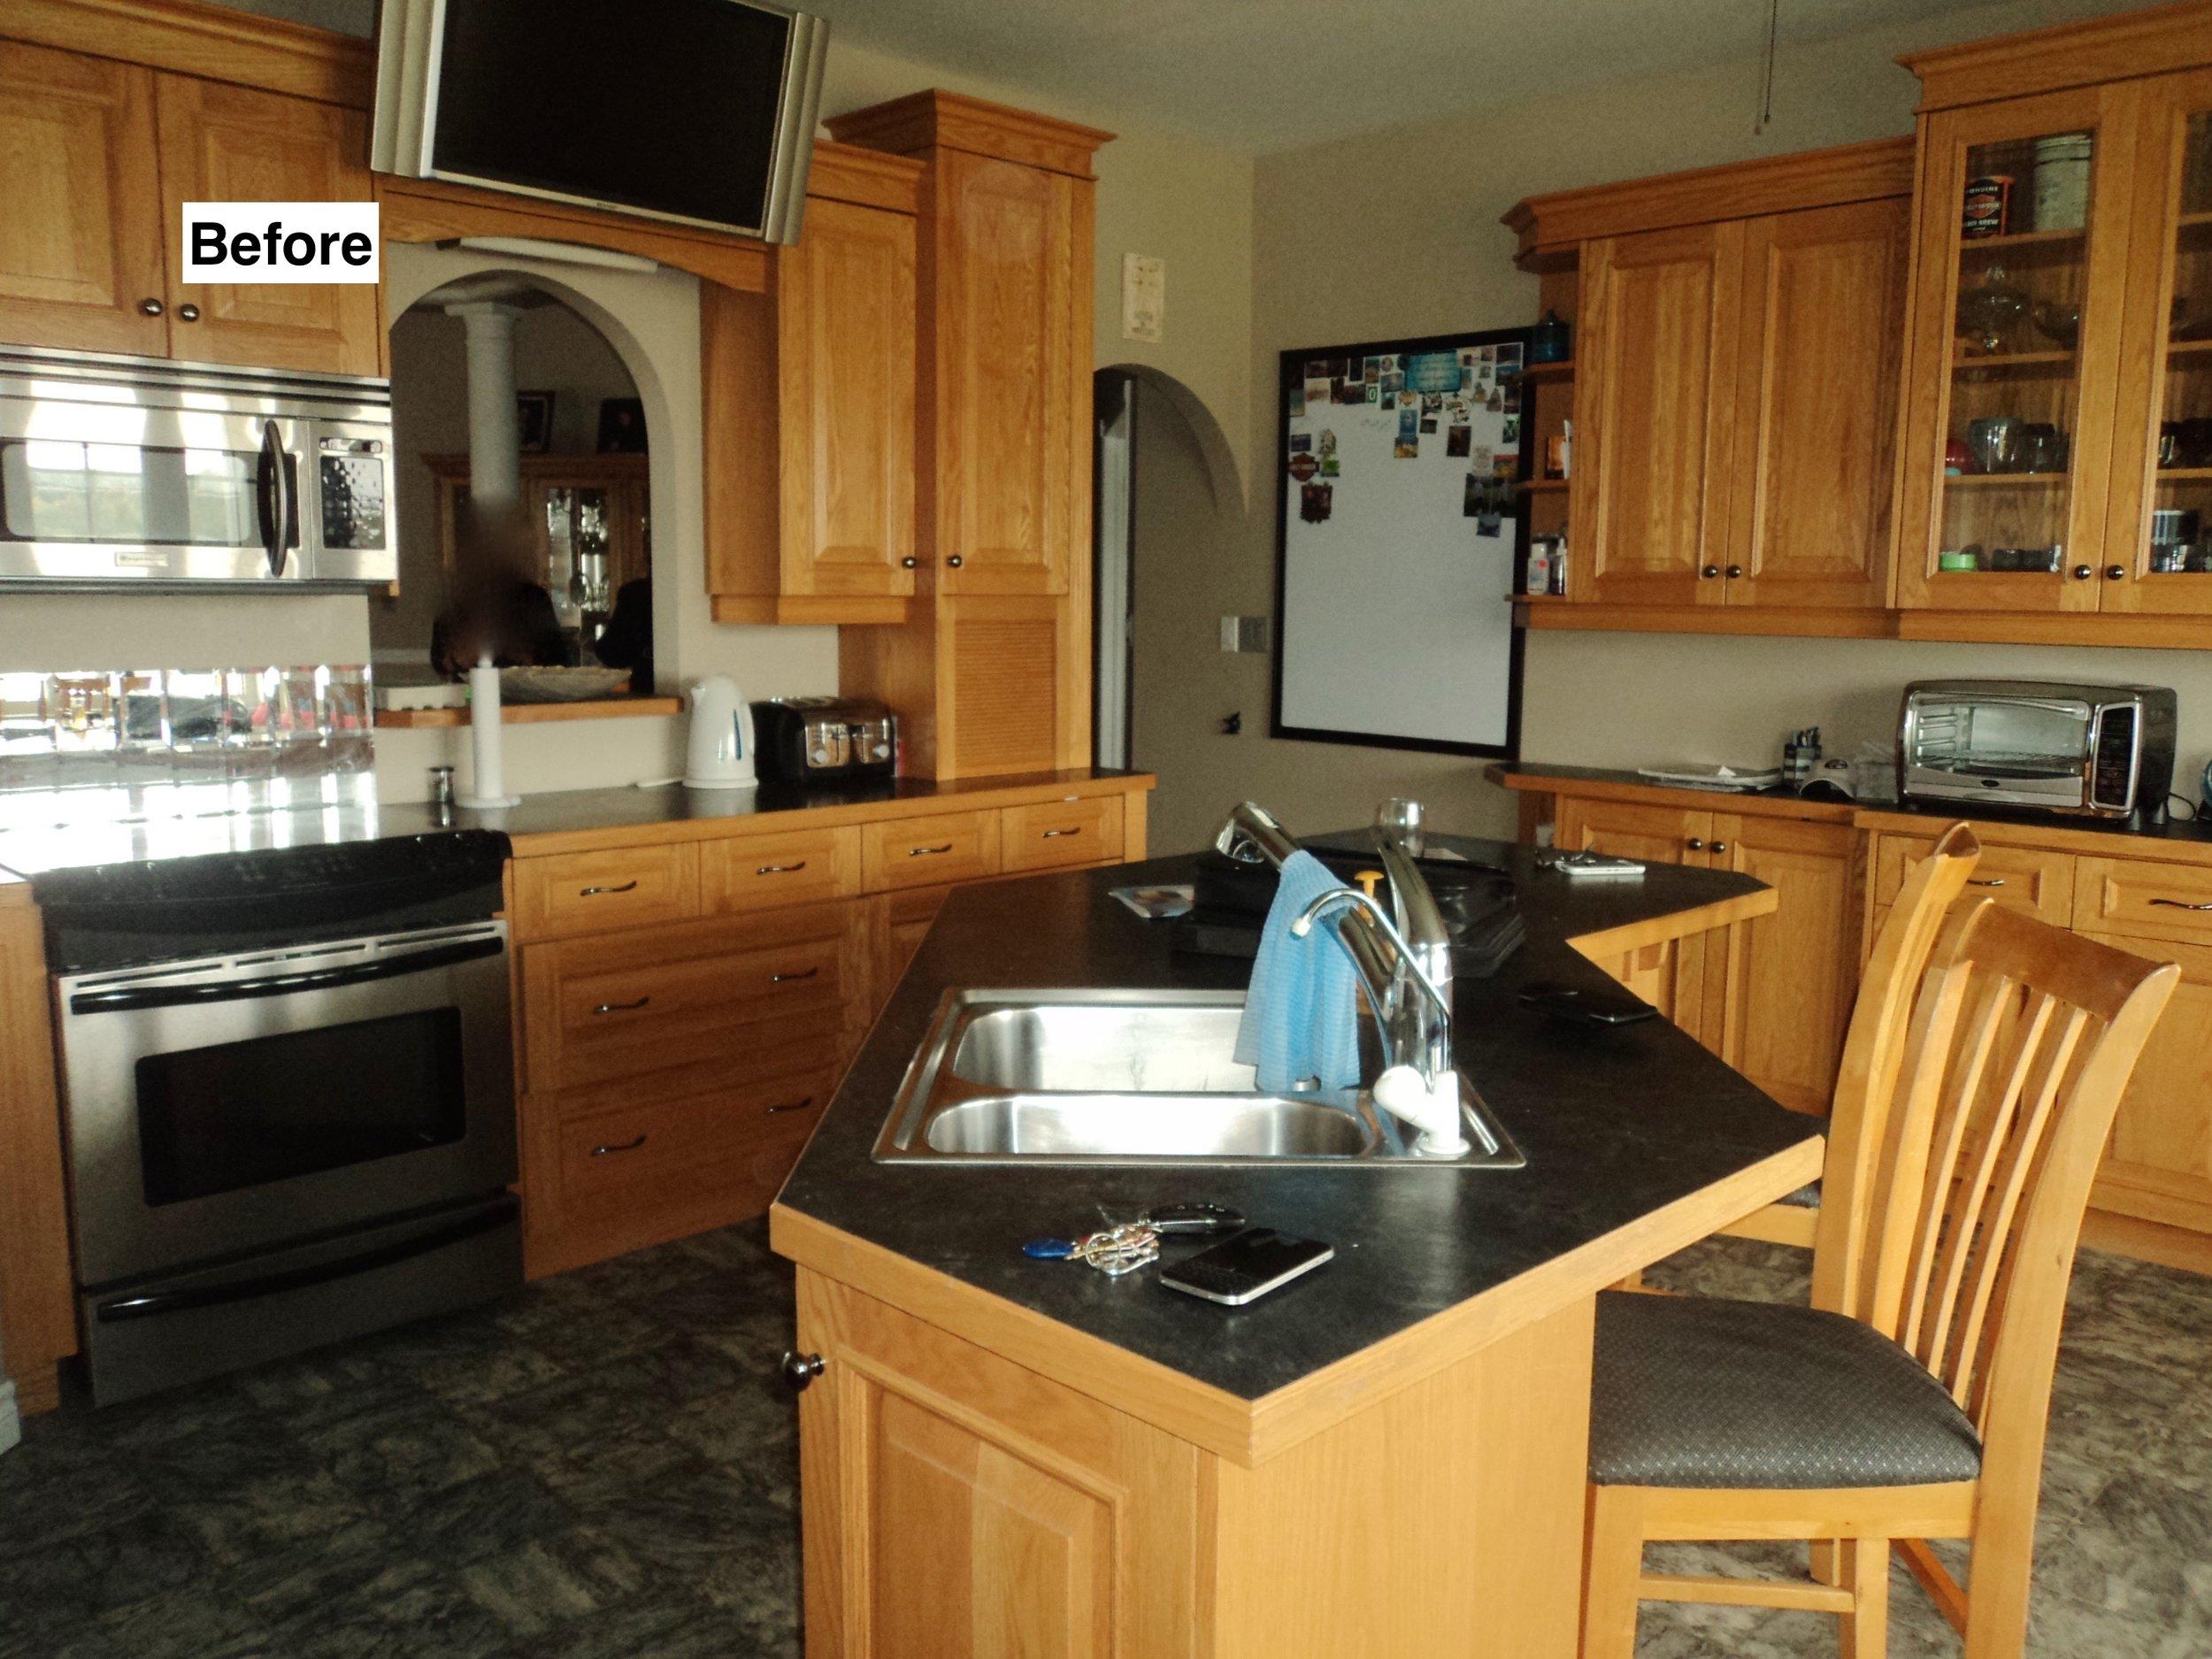 NF Kitchen Before.JPG